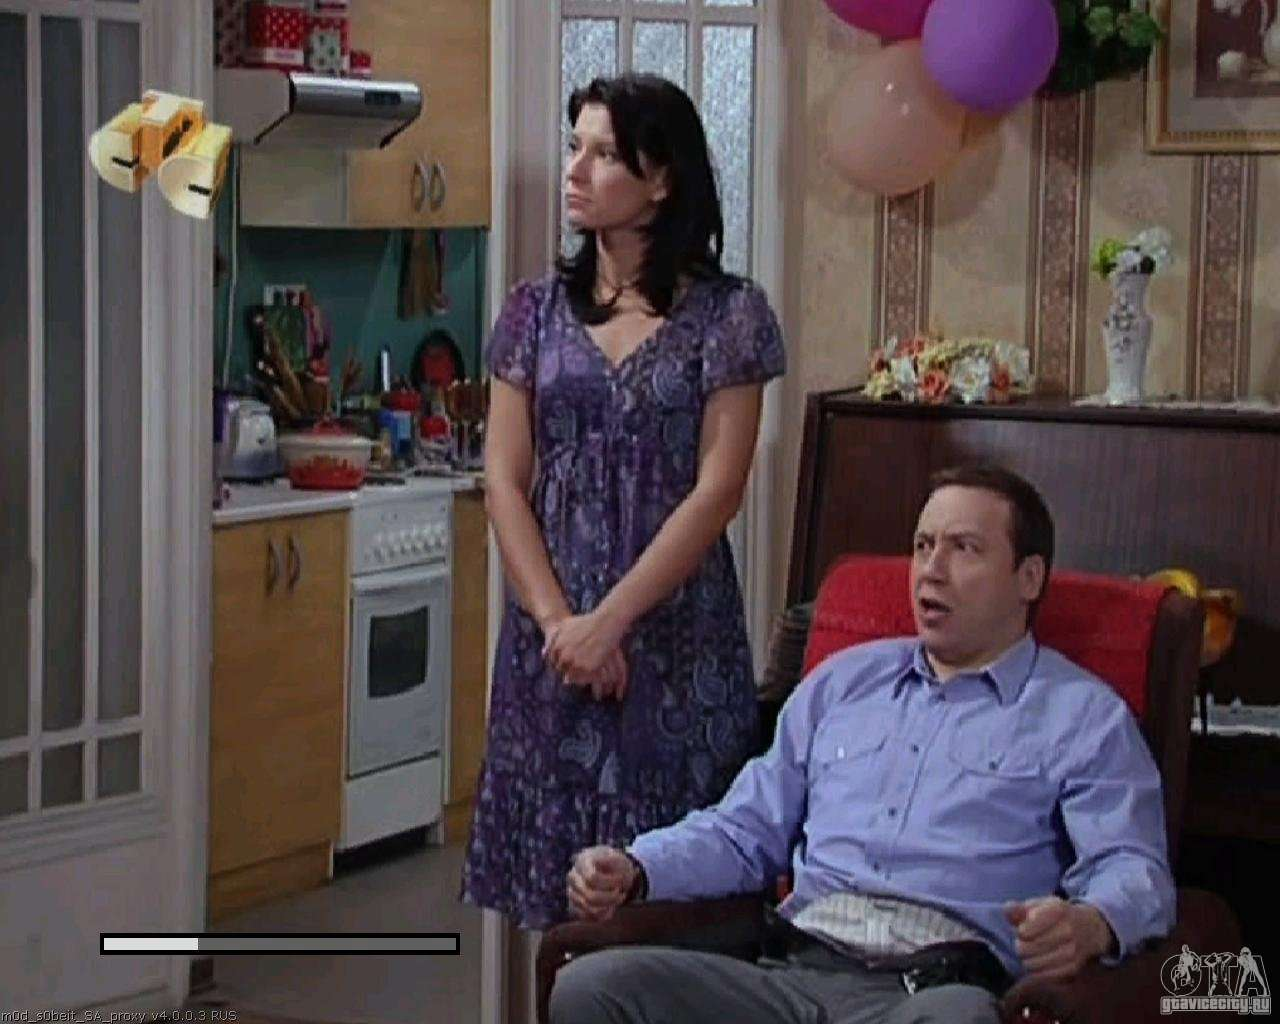 порно видео беременый азиятка скачатьъ